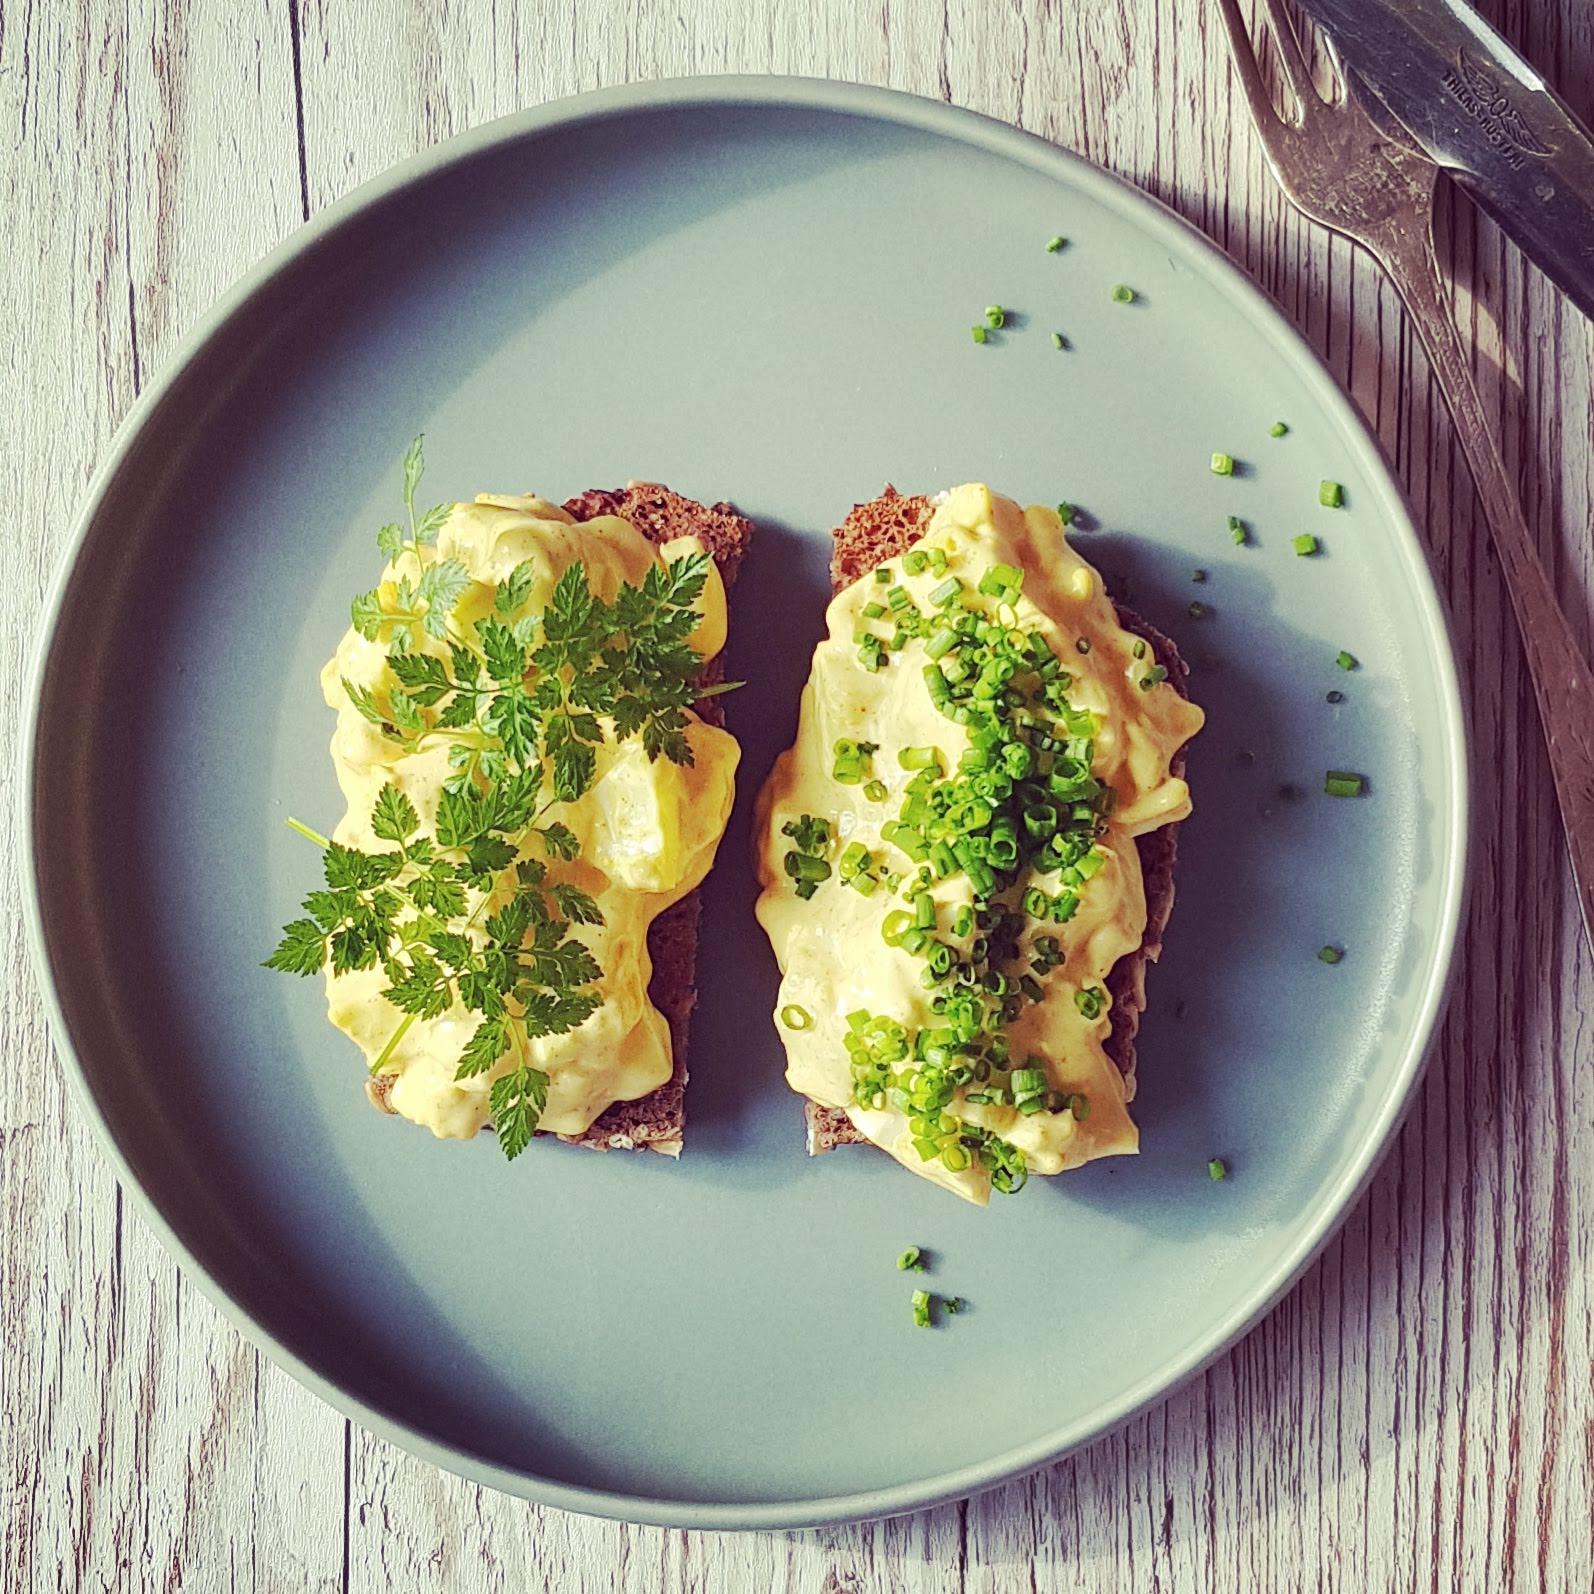 Hjemmelavet æggesalat - den eneste opskrift du behøver